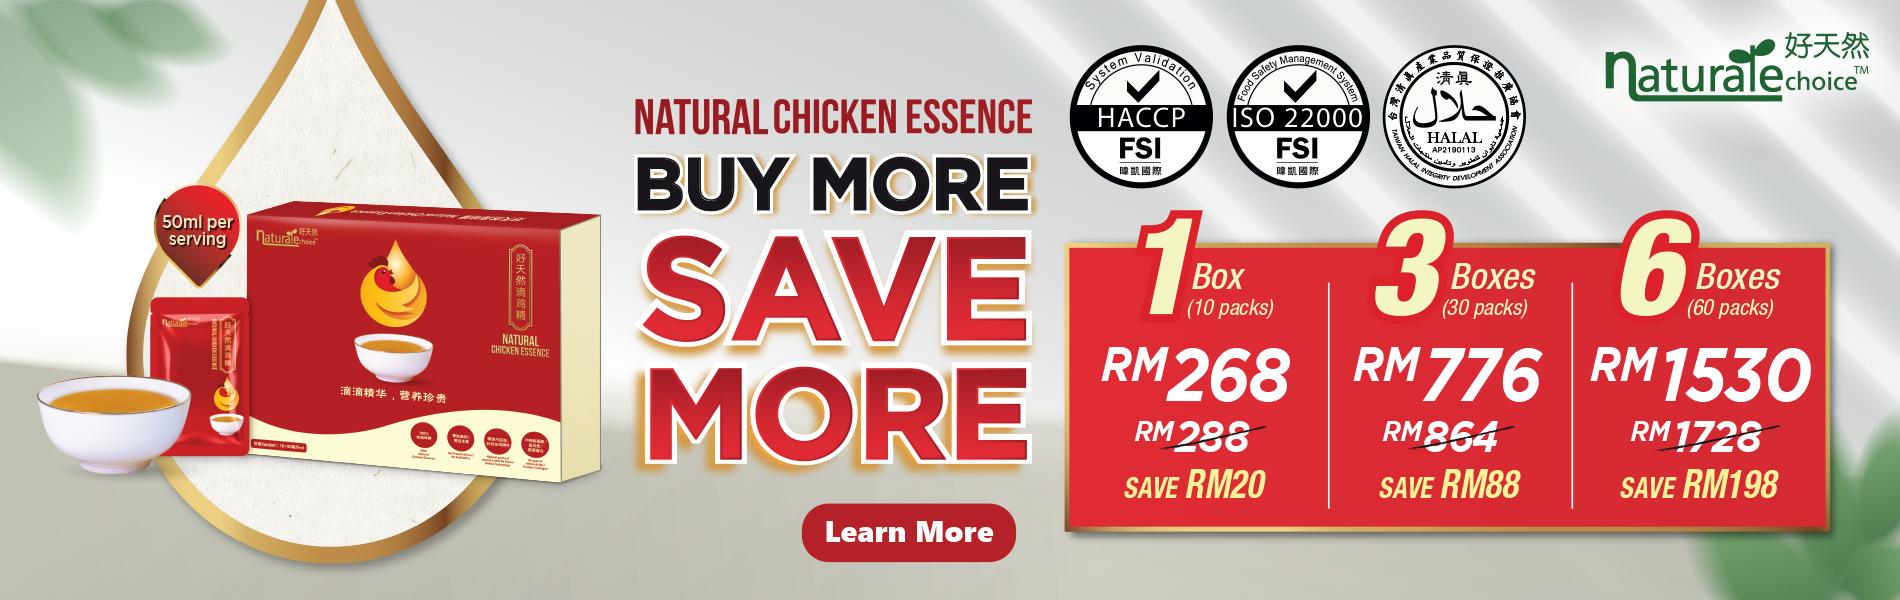 Natural Chicken Essence